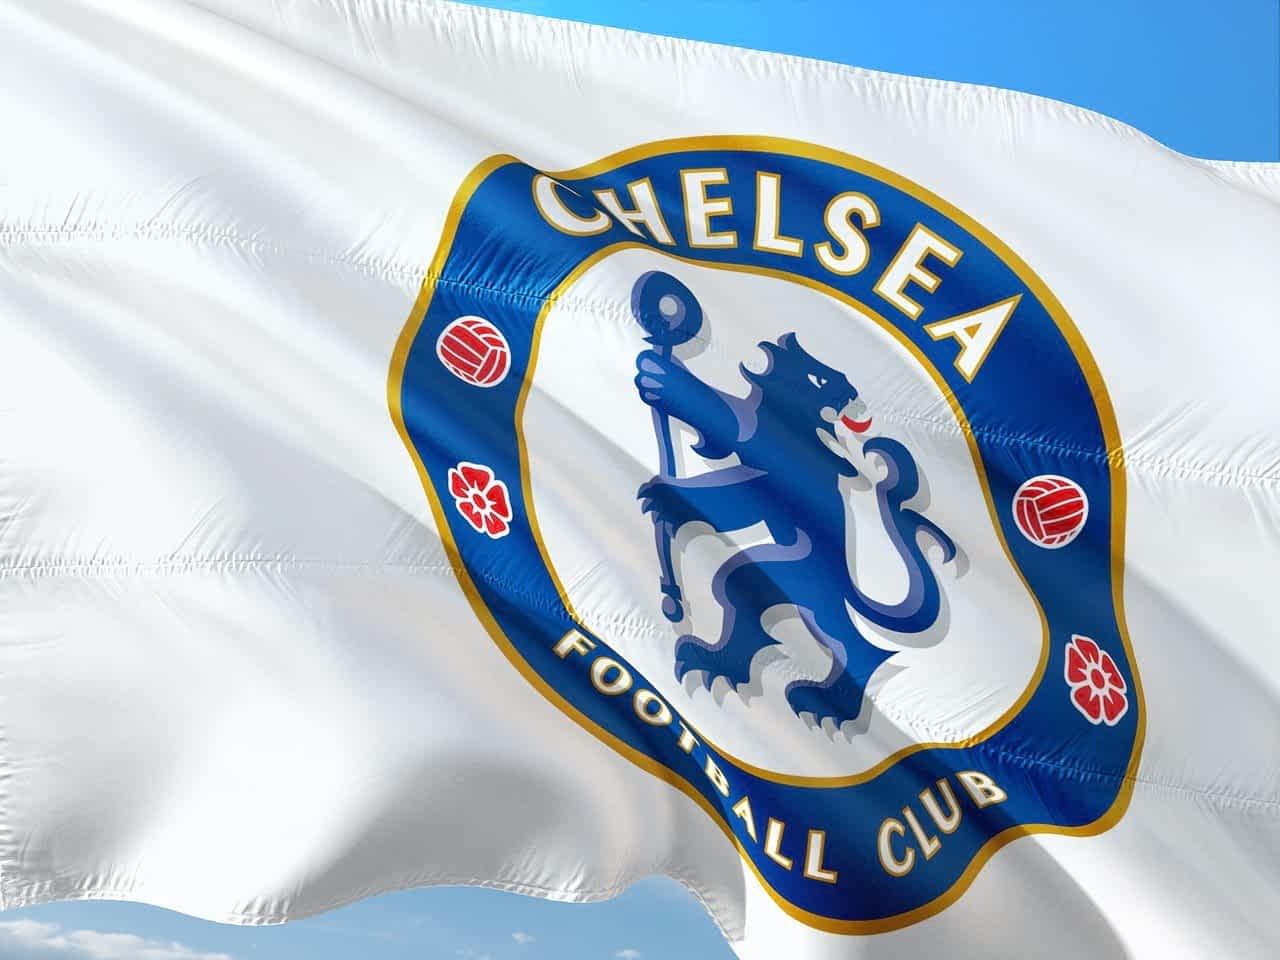 Флаг ФК Челси фото